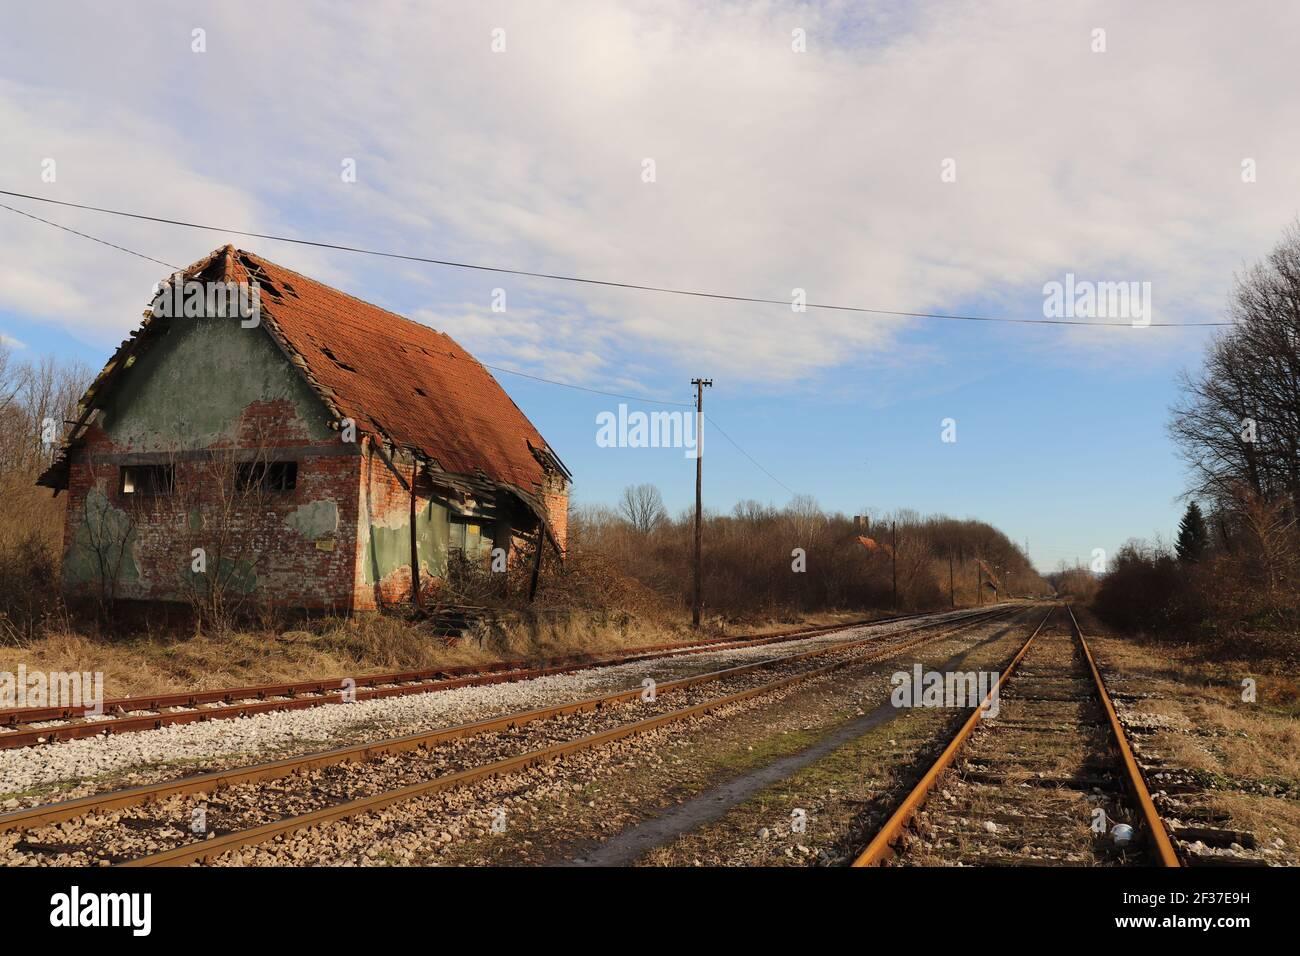 Ungarische Eisenbahn Stockfotos und  bilder Kaufen   Alamy